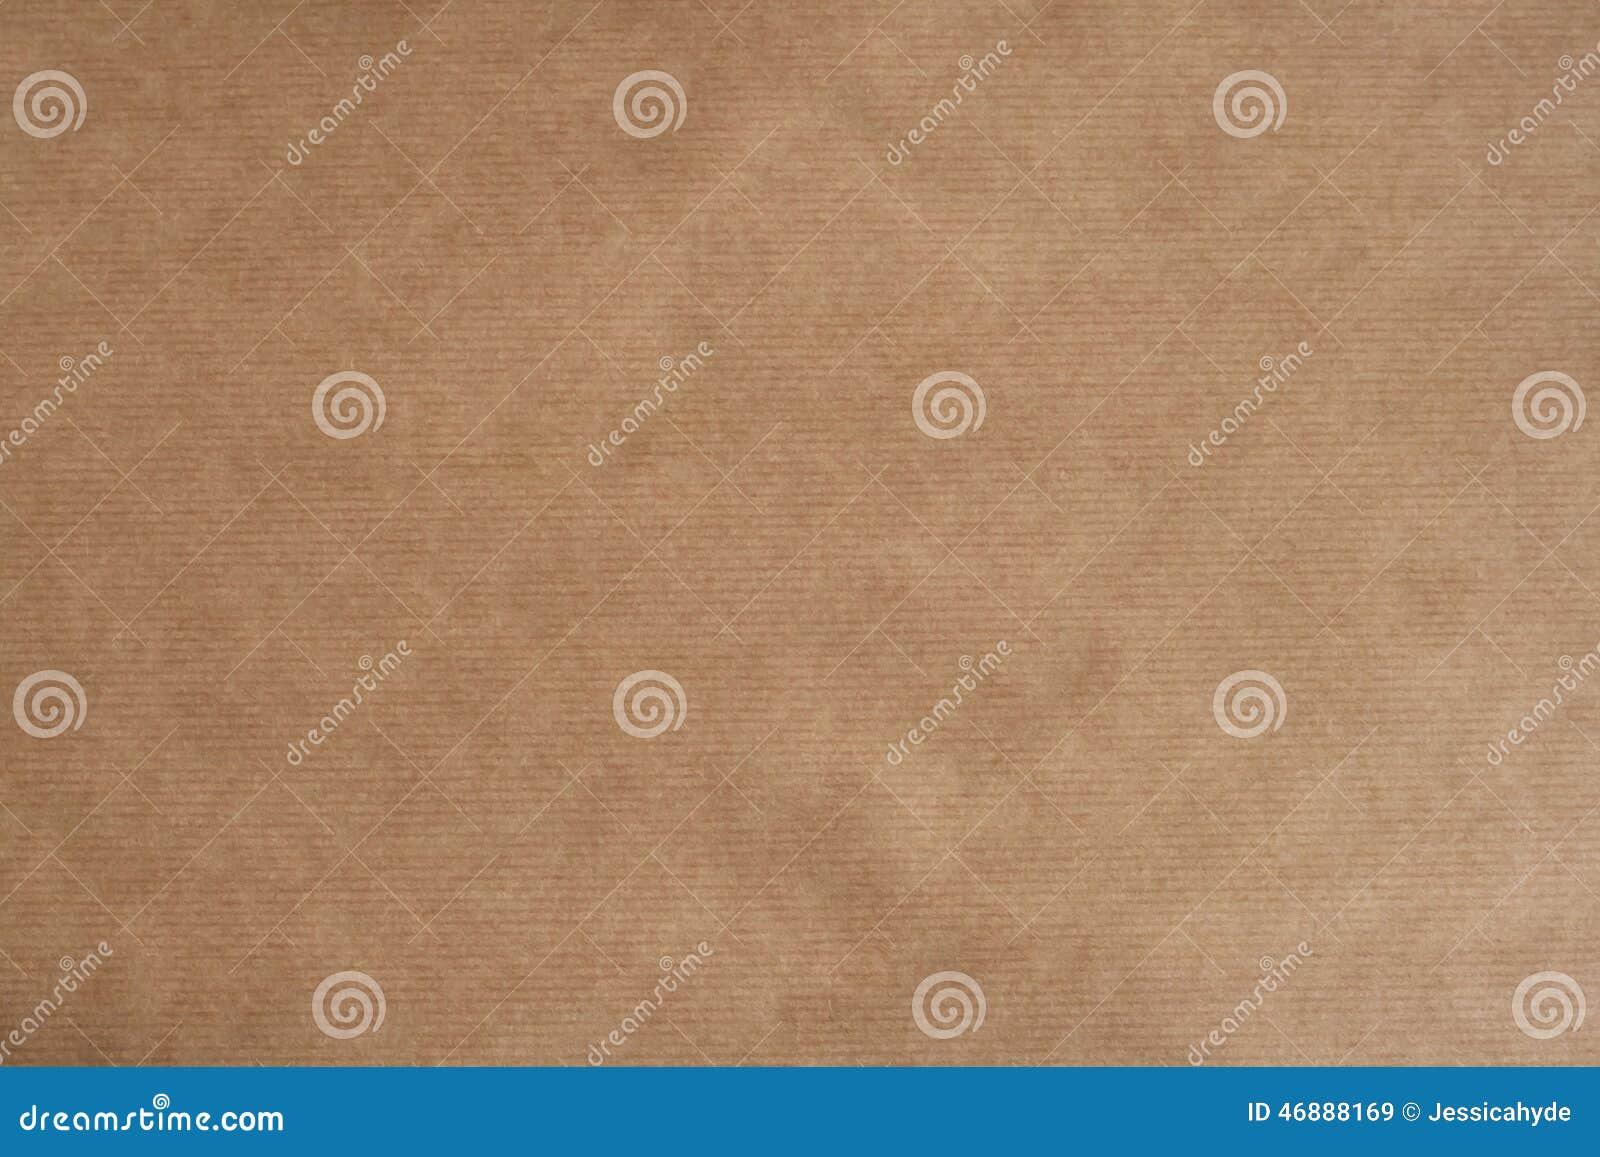 Kraft papper